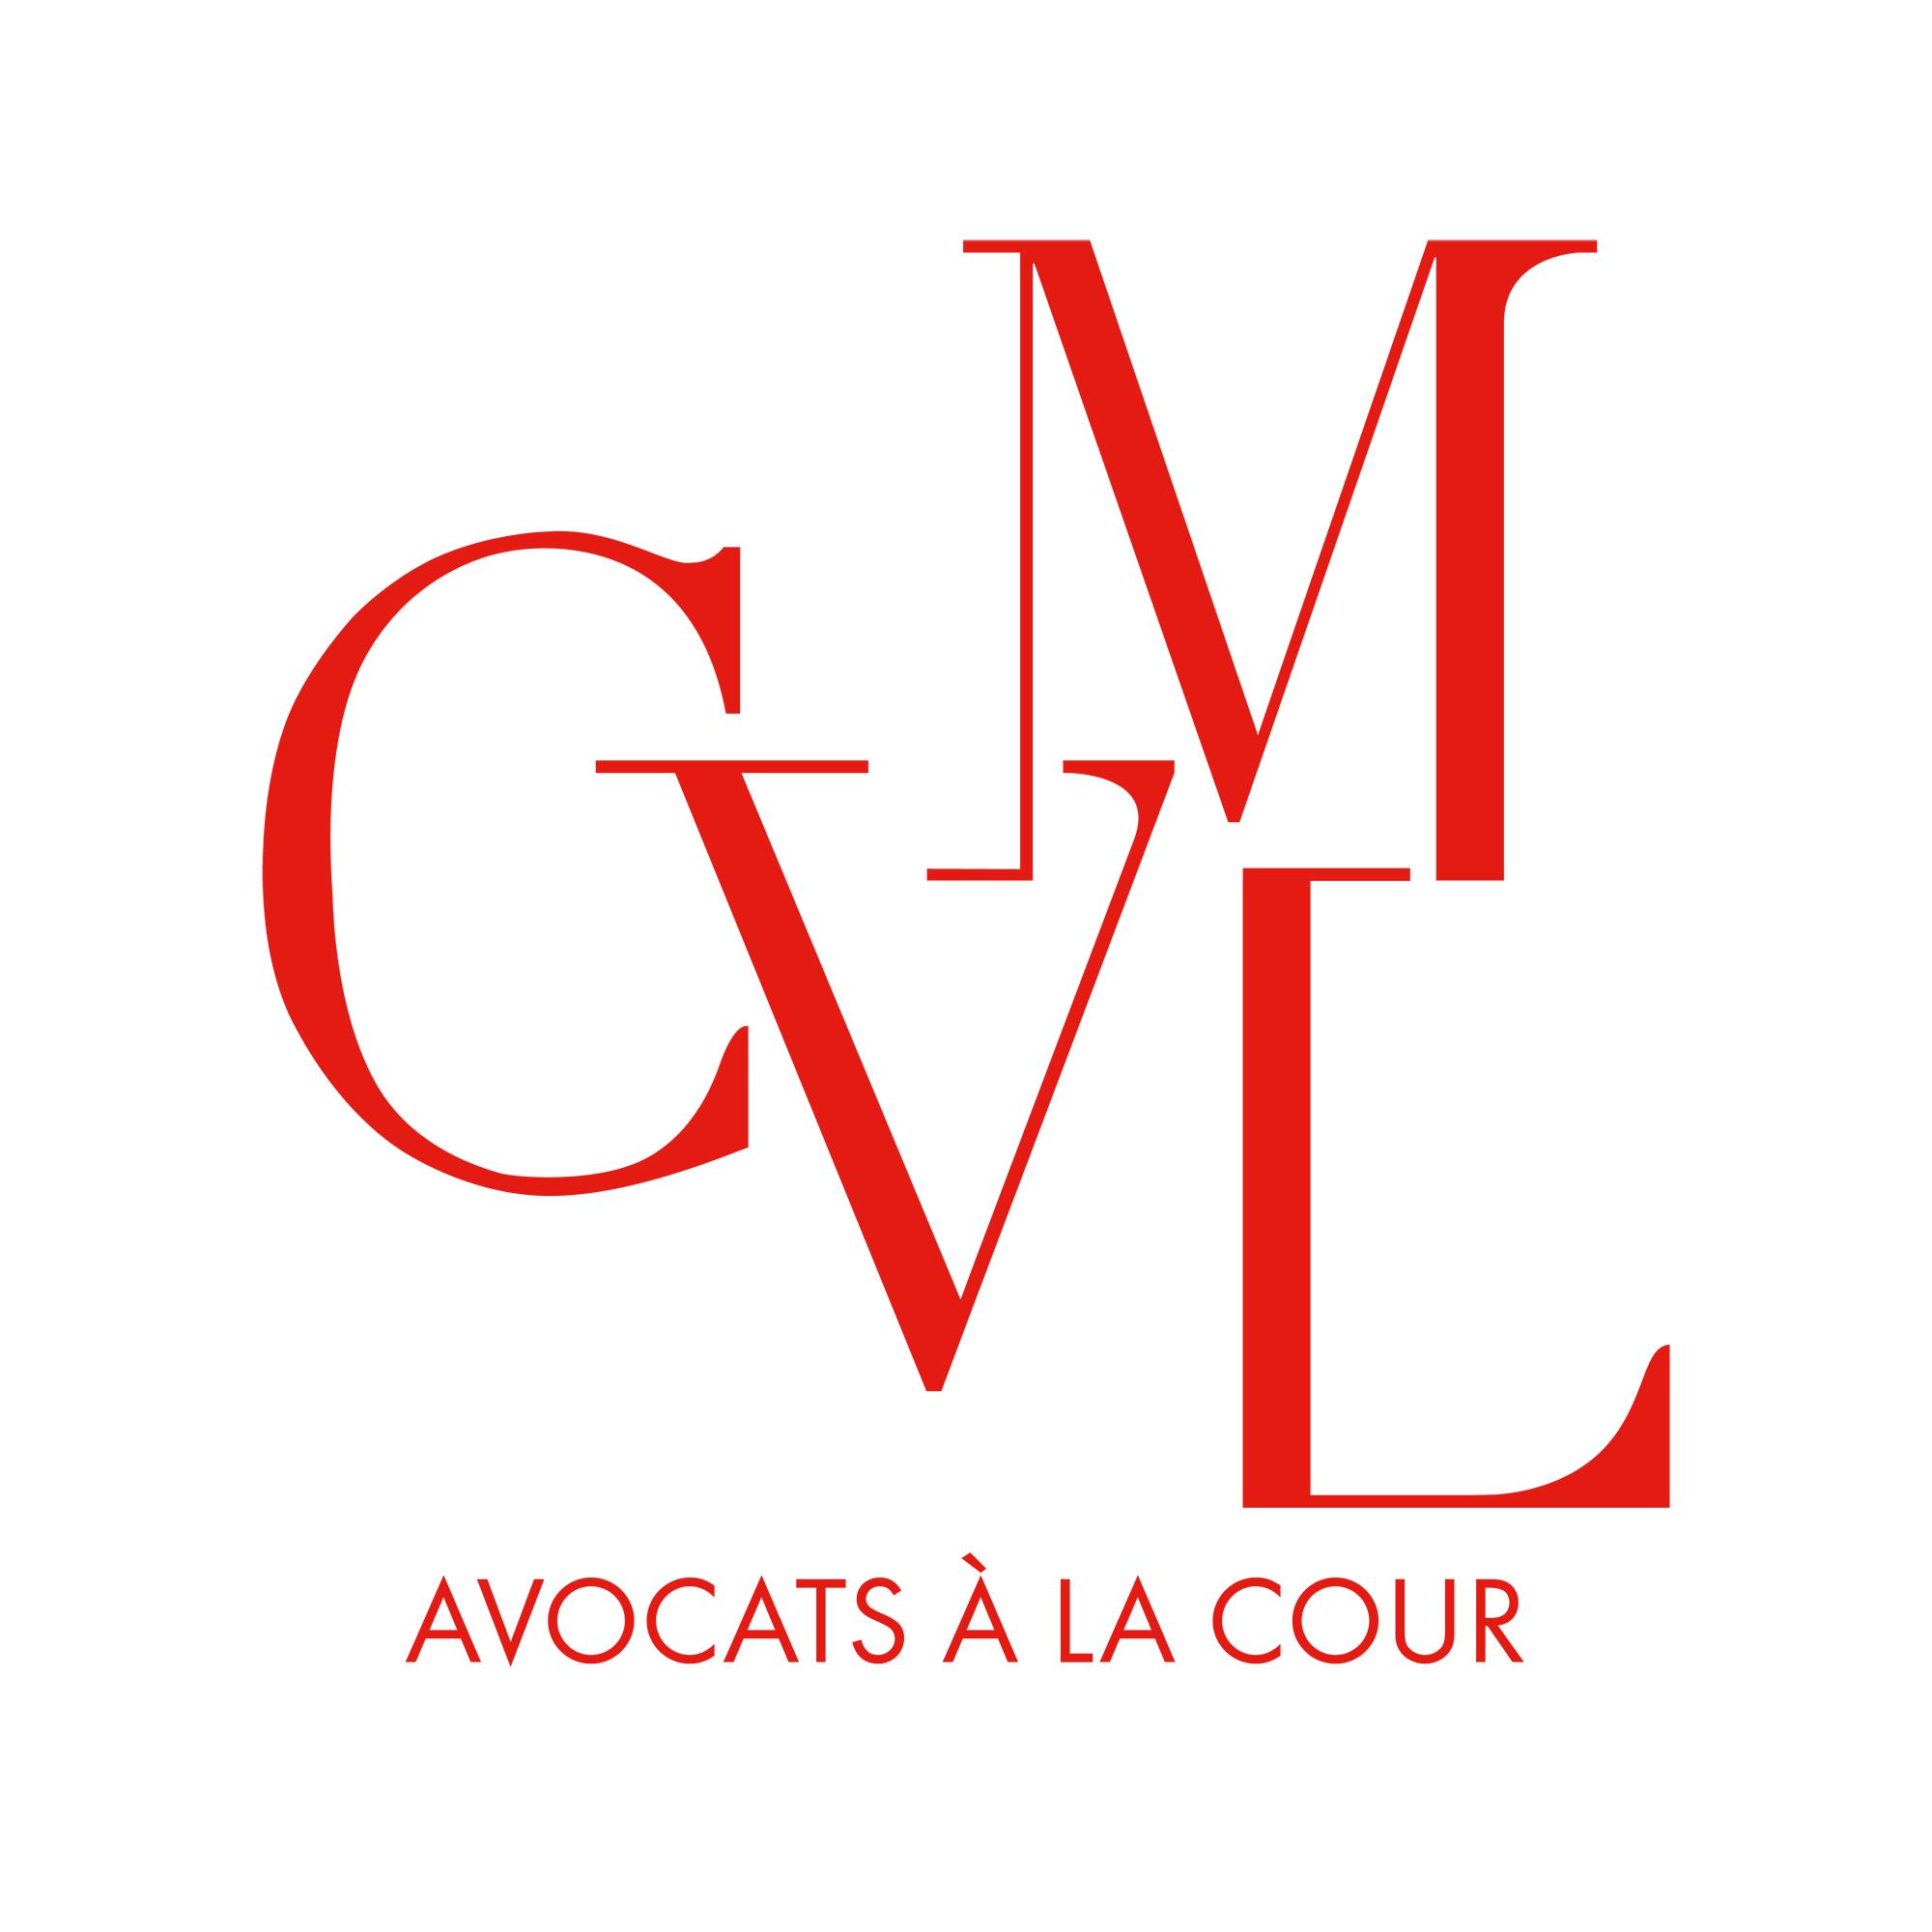 the CVML logo.